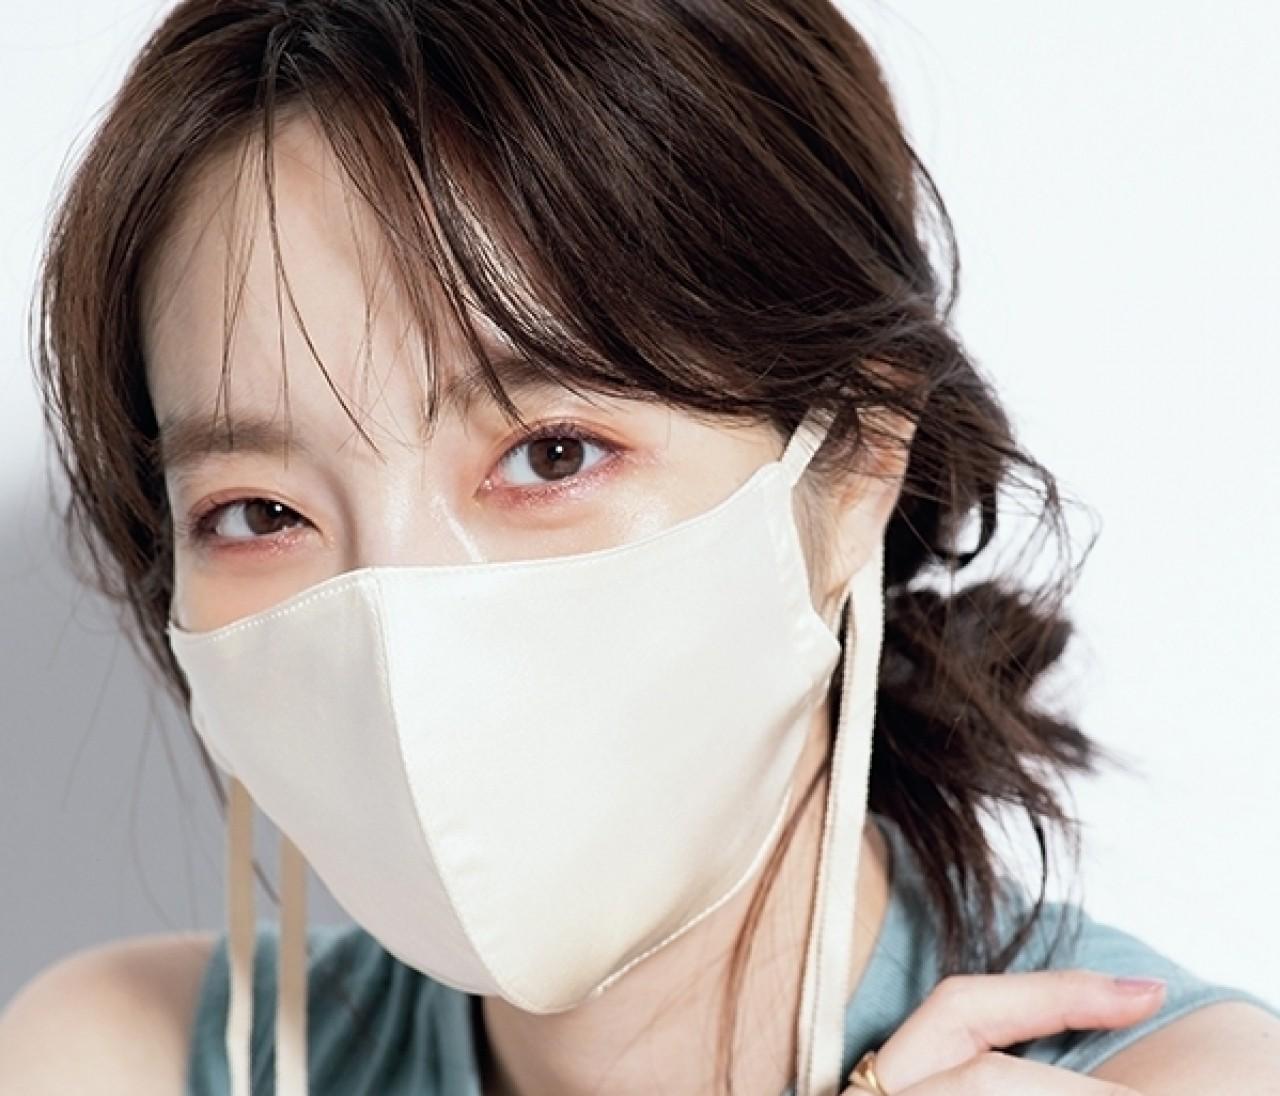 【withマスク2.0】イエベ&ブルベ別、涼感&肌に優しい素材からメイクまで。夏のおすすめマスク情報まとめ!